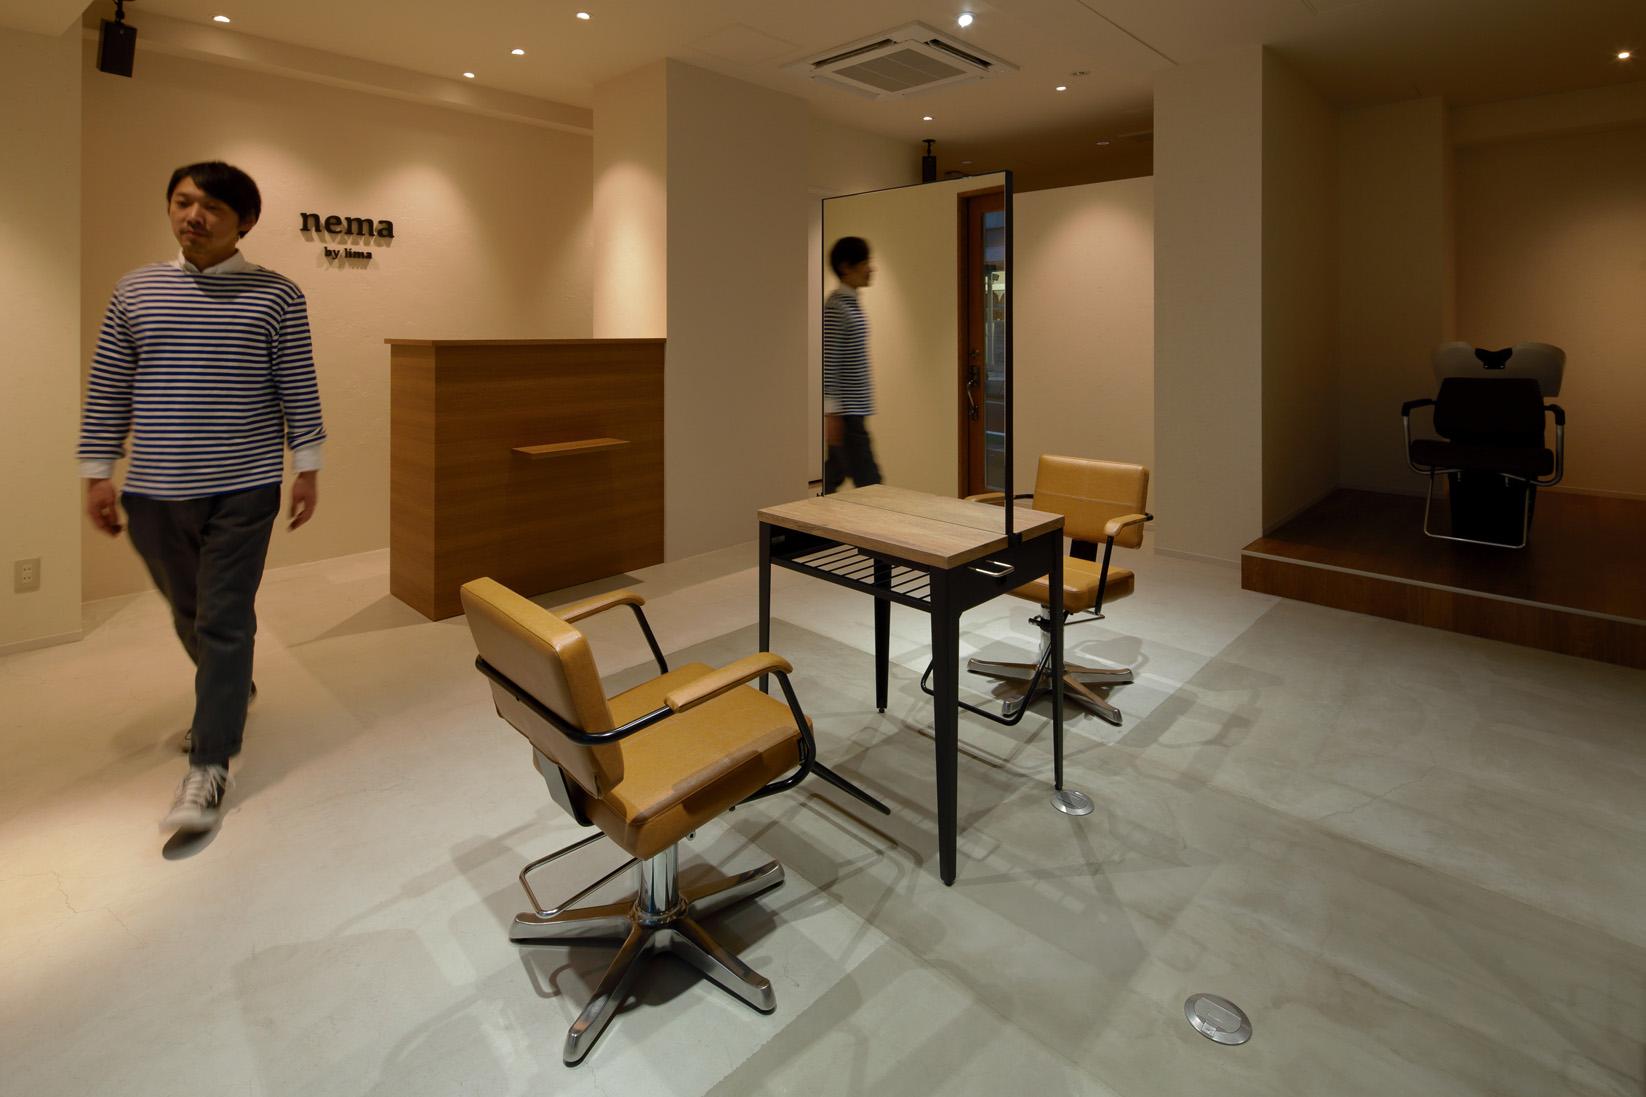 東京の美容室nema by limaセット面デザイン